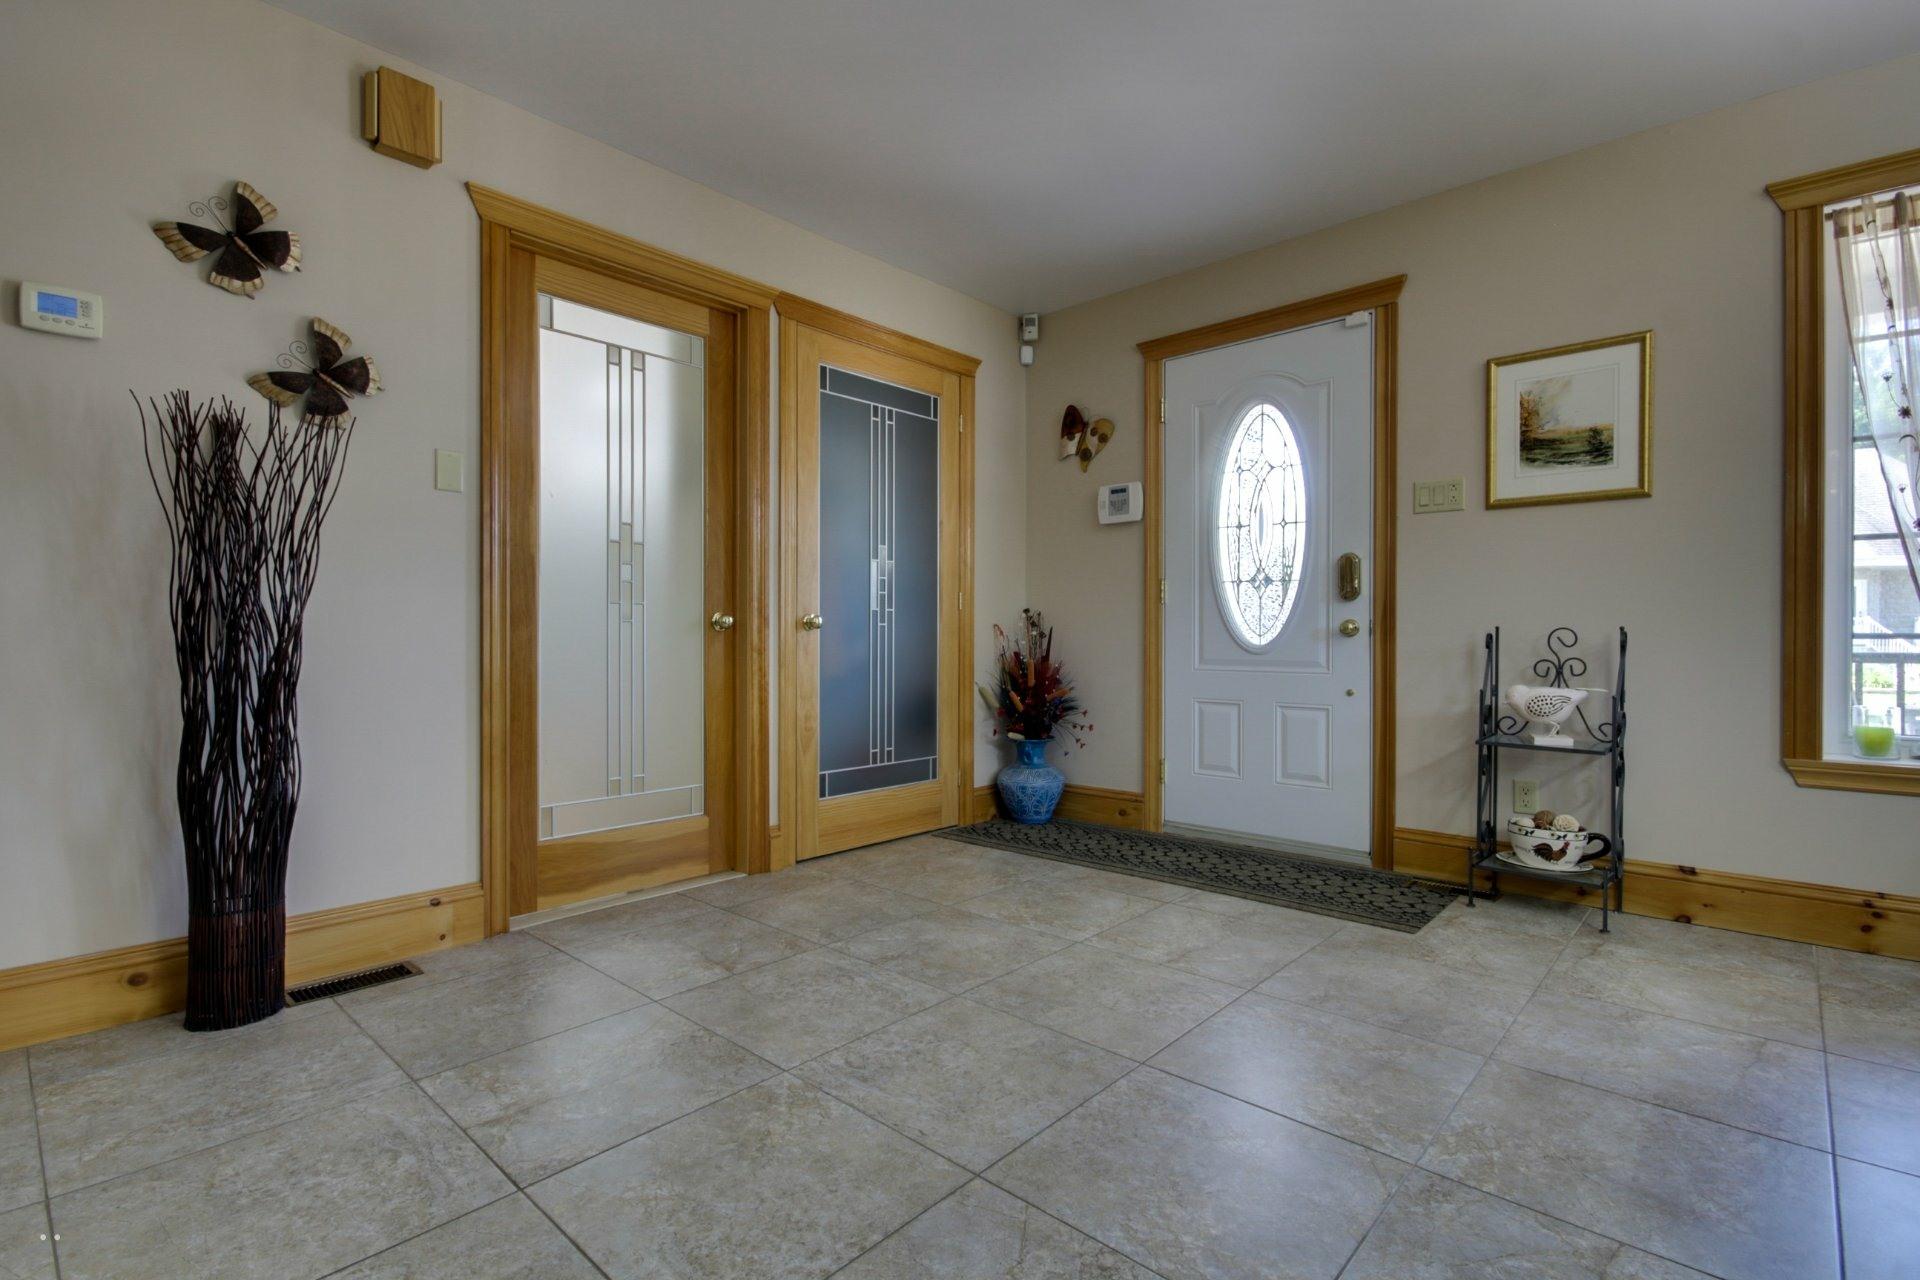 image 1 - Maison À vendre Trois-Rivières